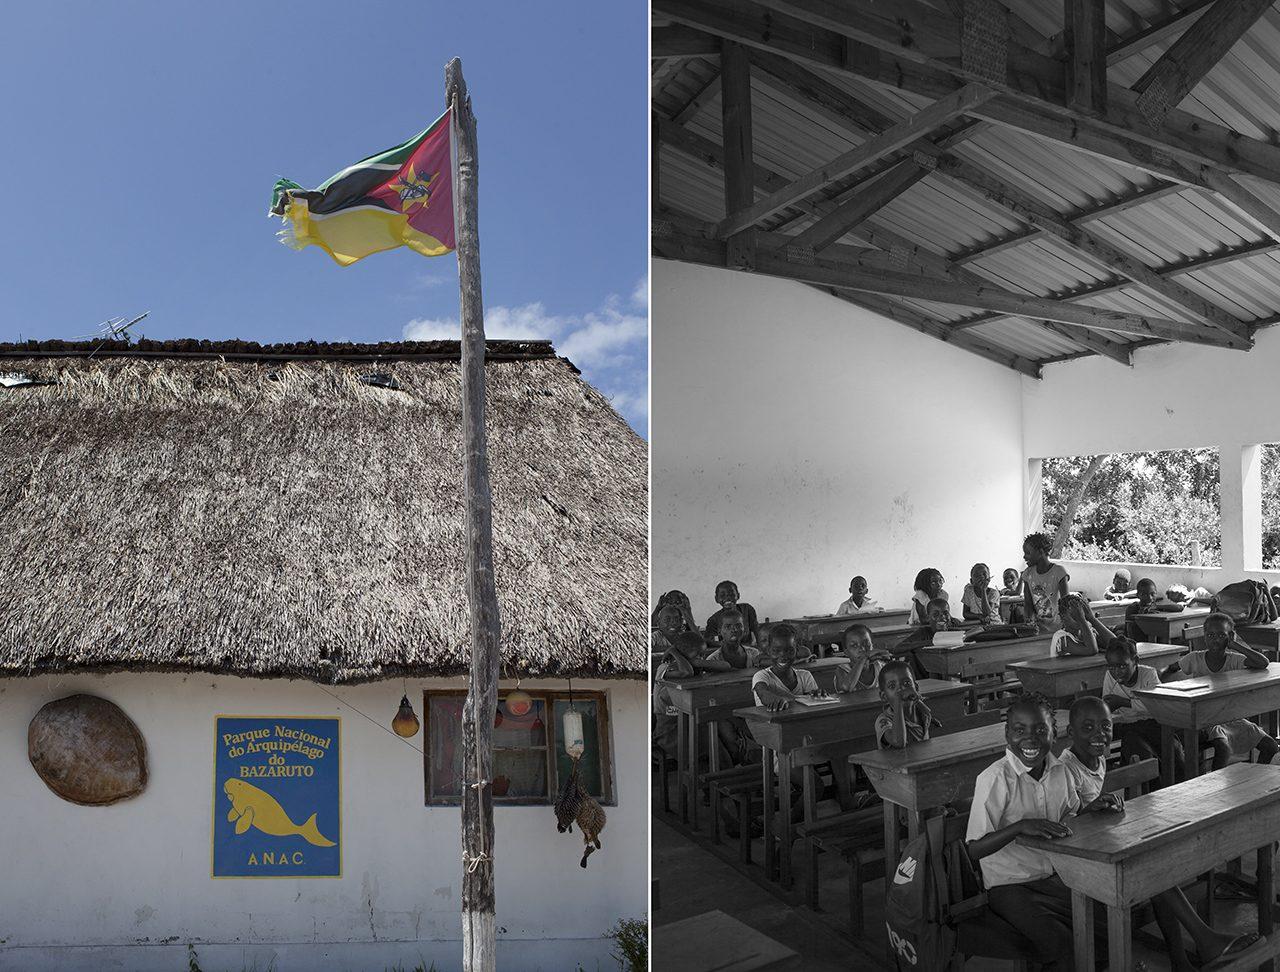 Escola In Rainbow, Ilha de Benguerra, Moçambique - foto: André Klotz